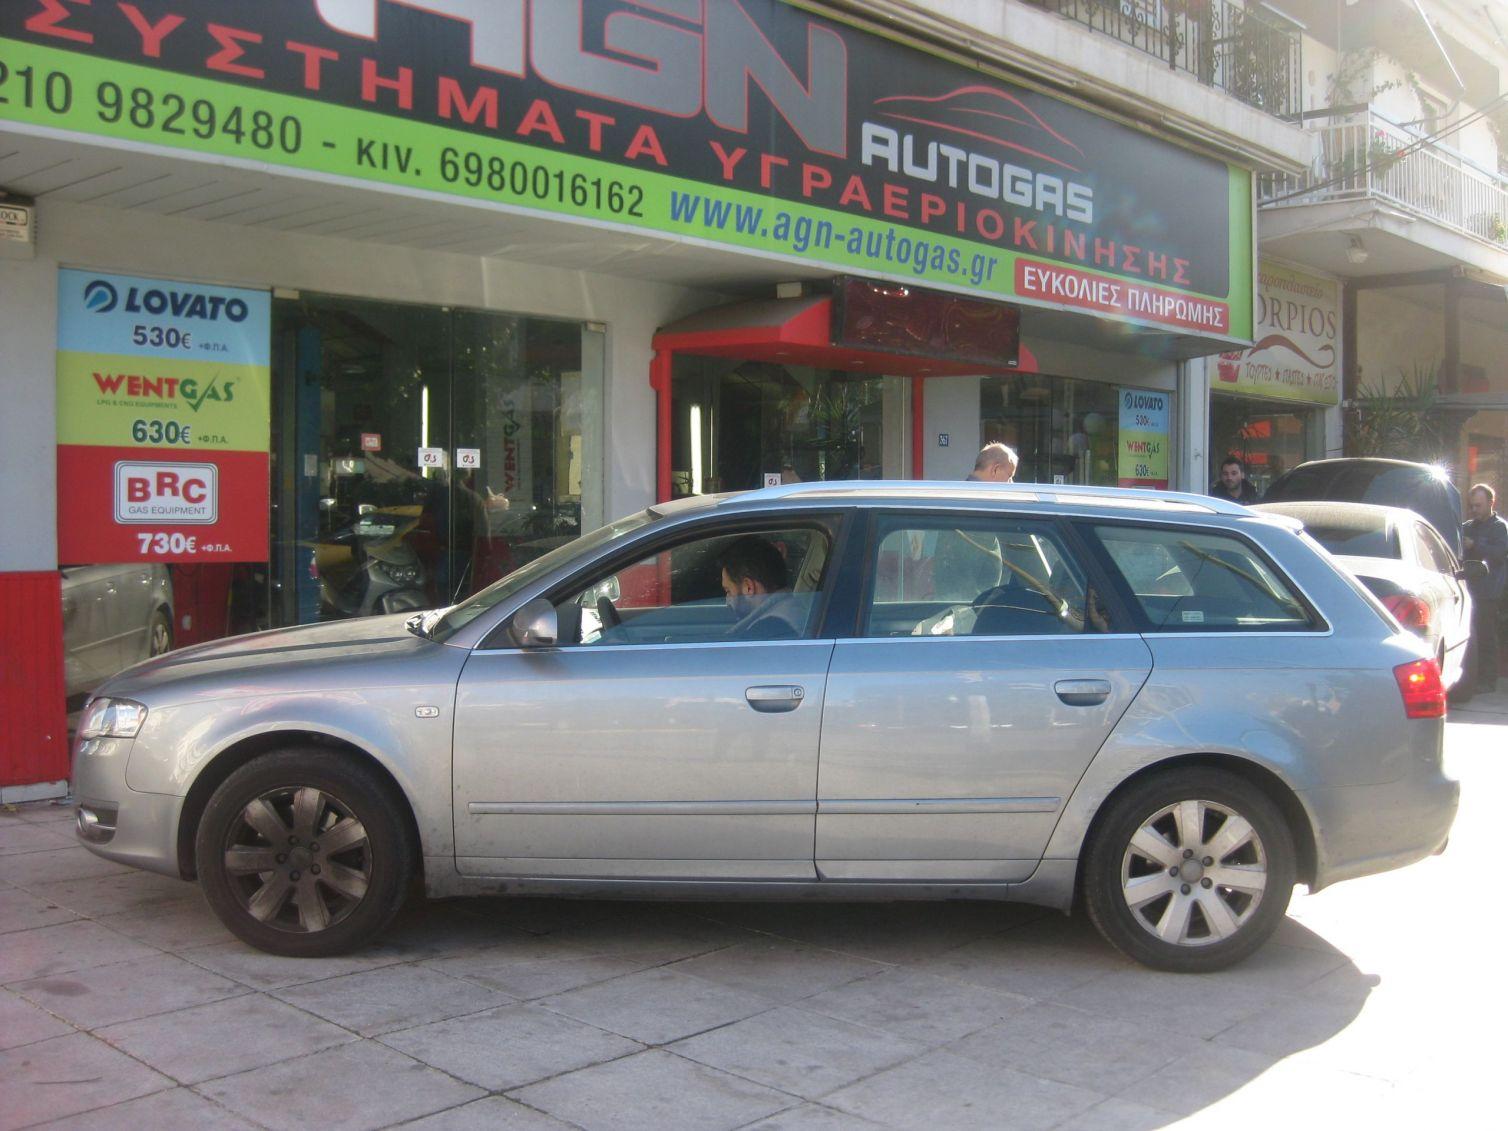 AUDI A4 QUATTRO TURBO 1800cc '06 ME BRC 72ΛΤ